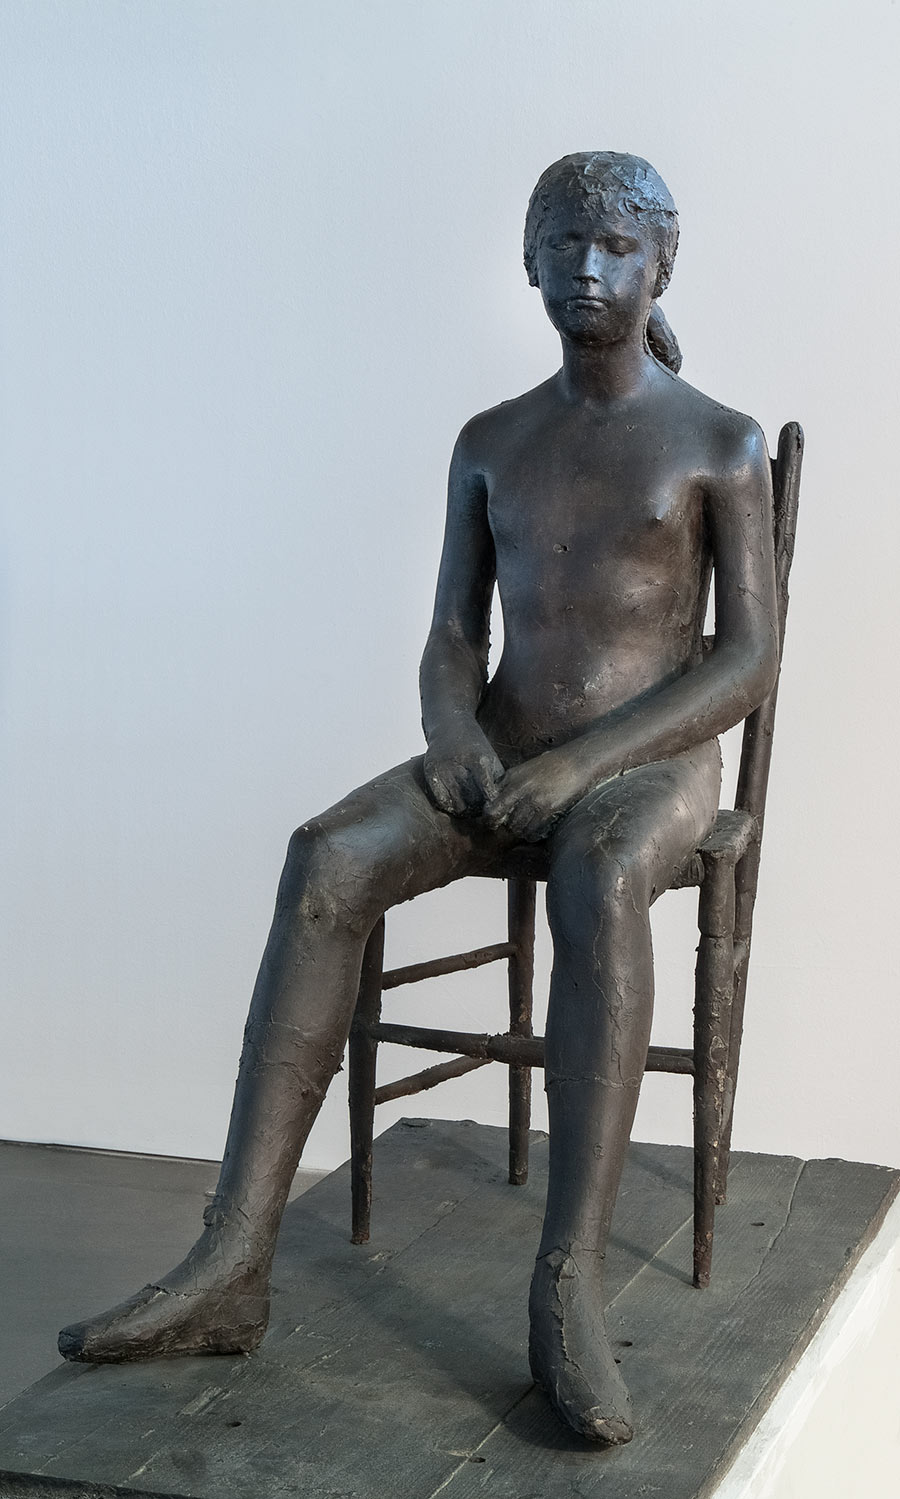 Giacomo-Manzu#U0300-Bambina-sulla-sedia-1955-fusione-in-bronzo